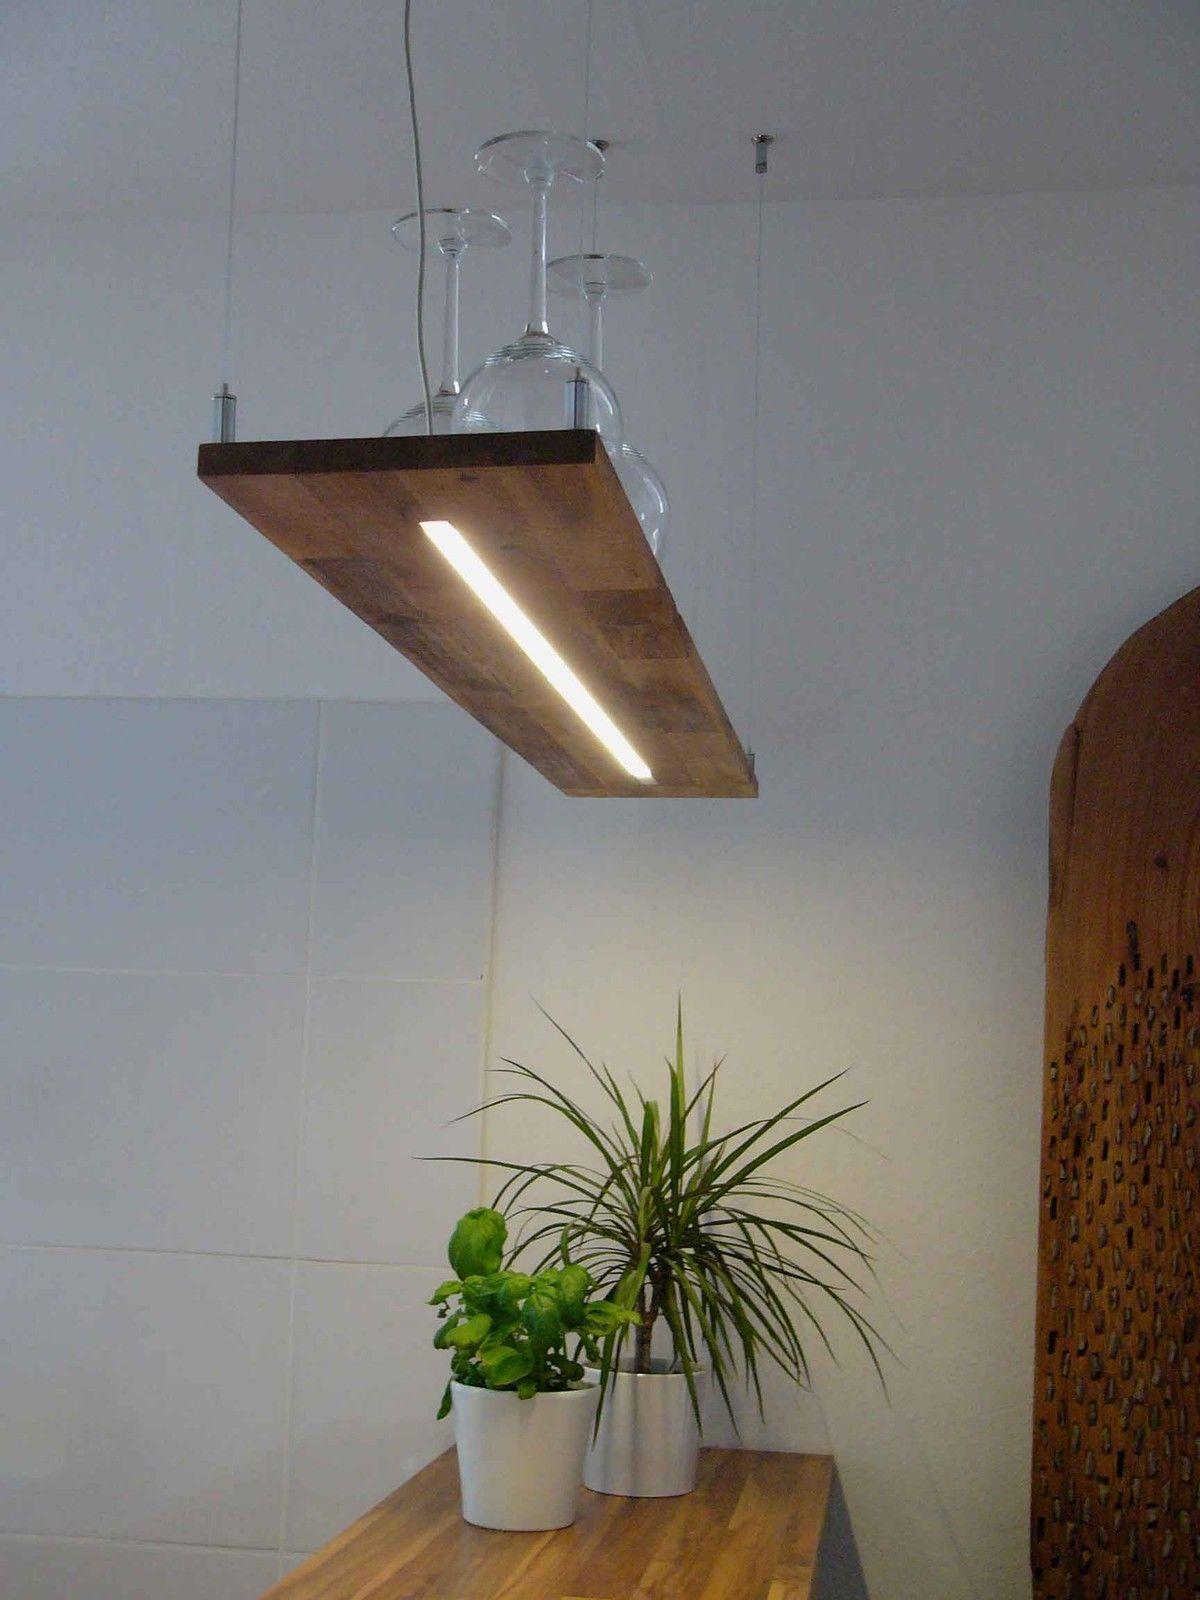 Innenarchitektur Hängelampe Küche Sammlung Von Details Zu Hängelampe Holz Akazie Led Lampe